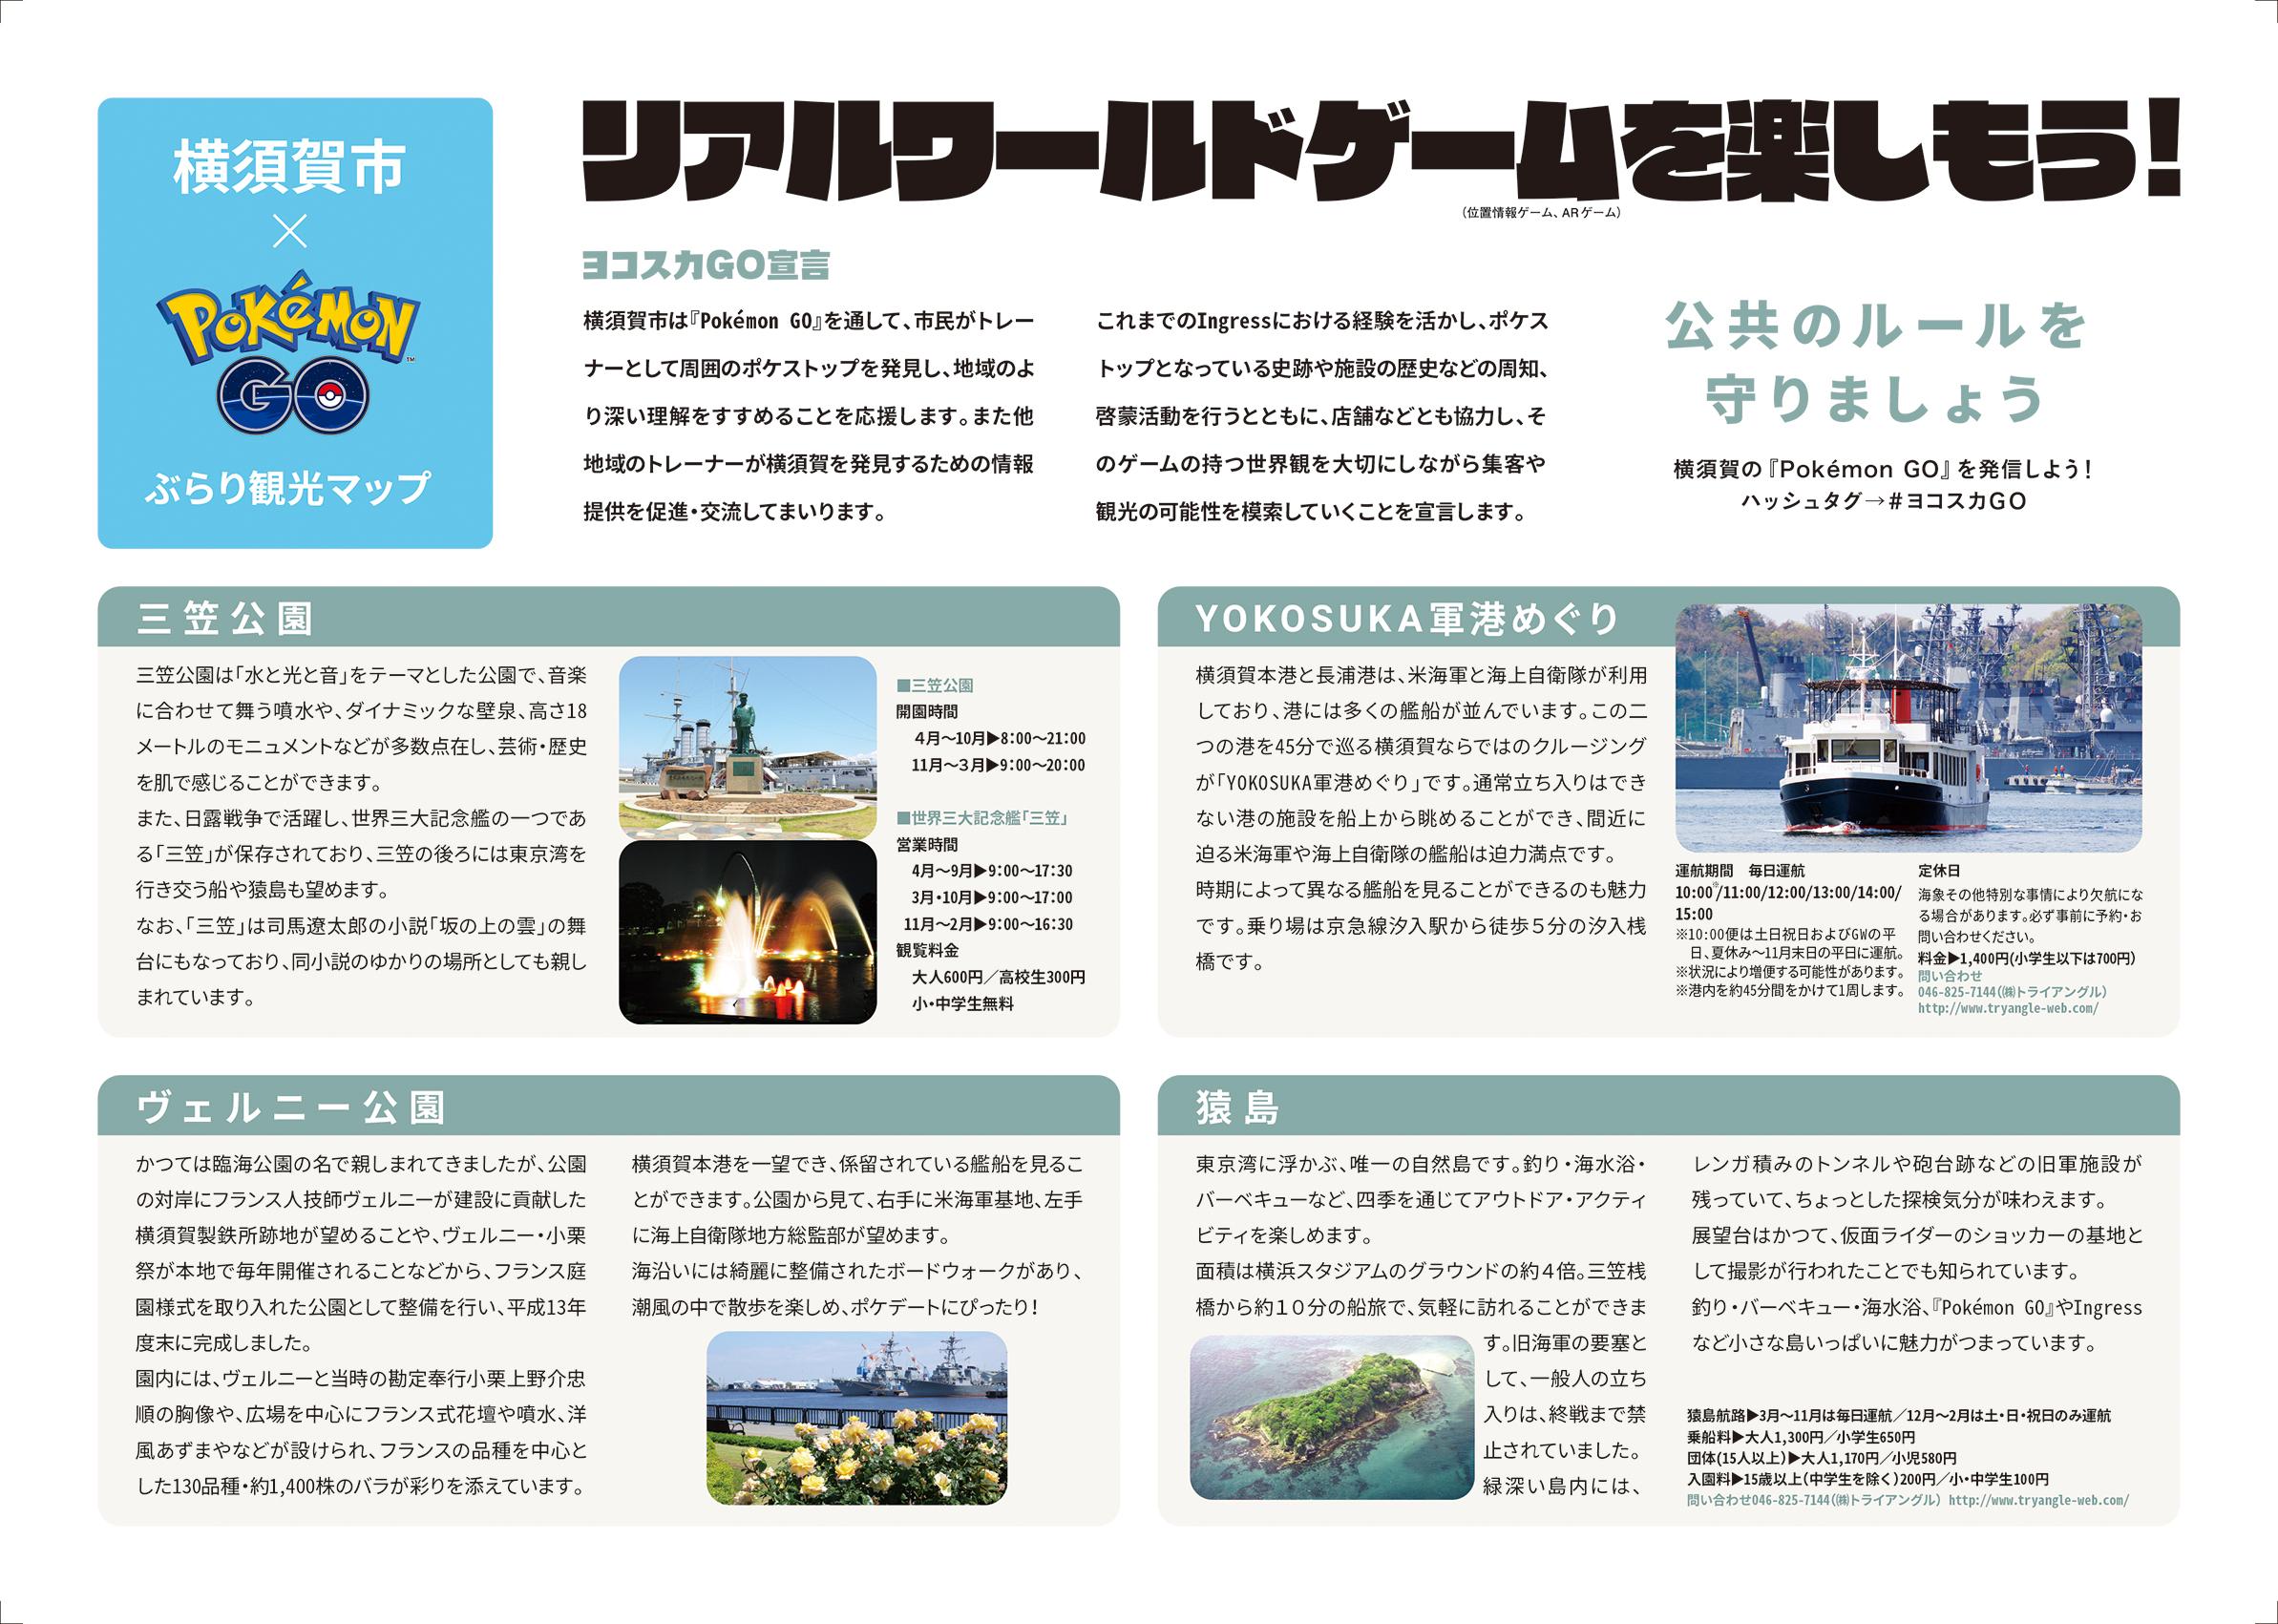 横須賀市と地域のマクドナルドが「ヨコスカGO」連携を楽しもう!